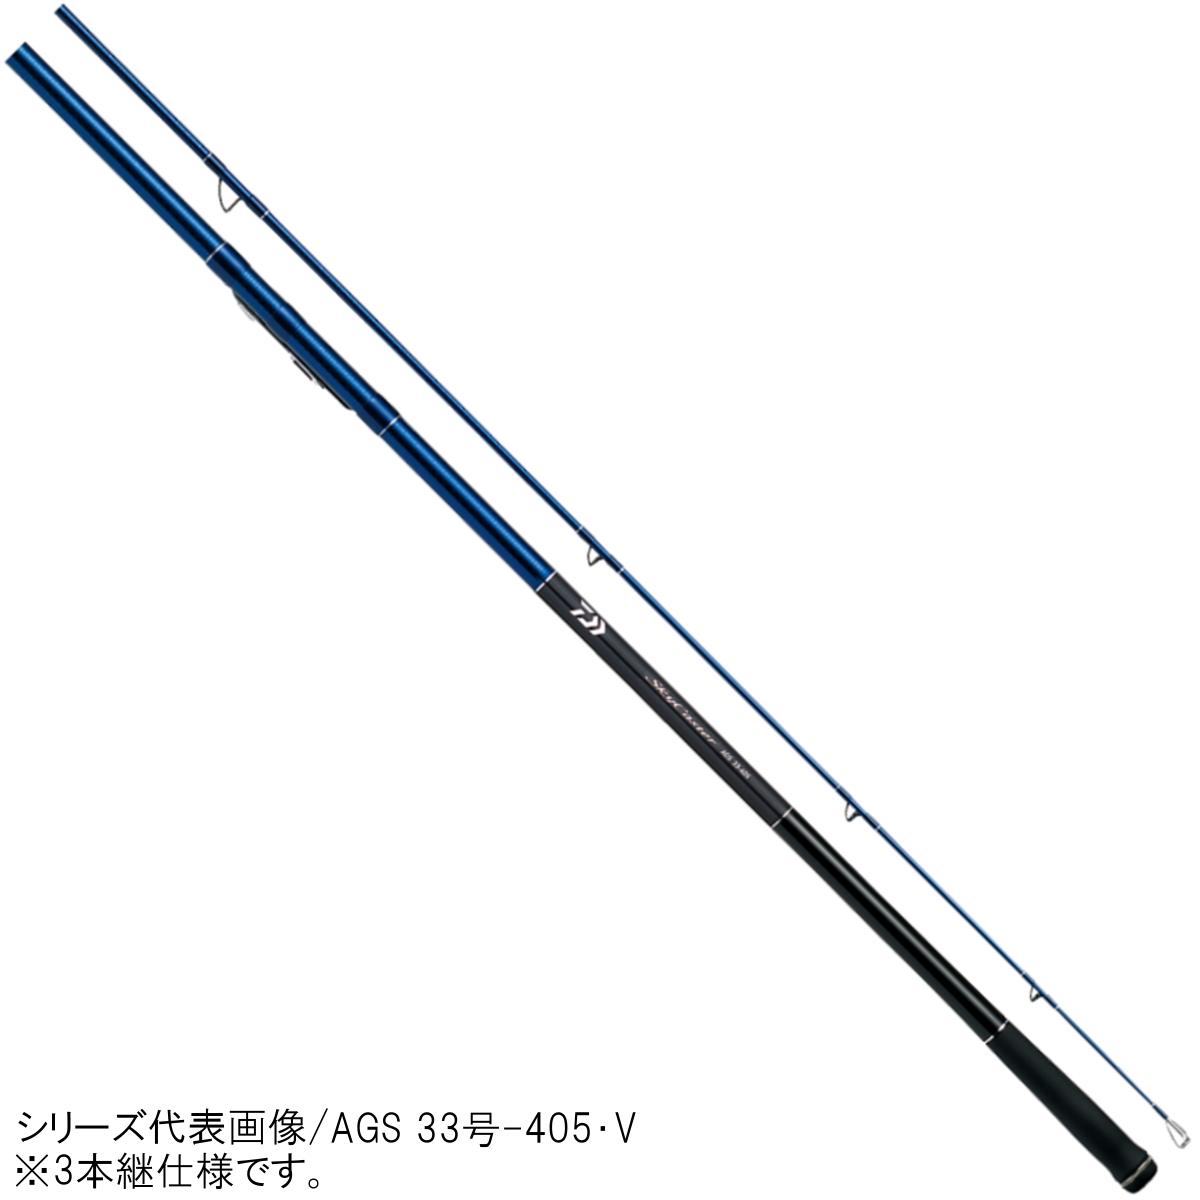 ダイワ スカイキャスター AGS 27号-405・V【大型商品】